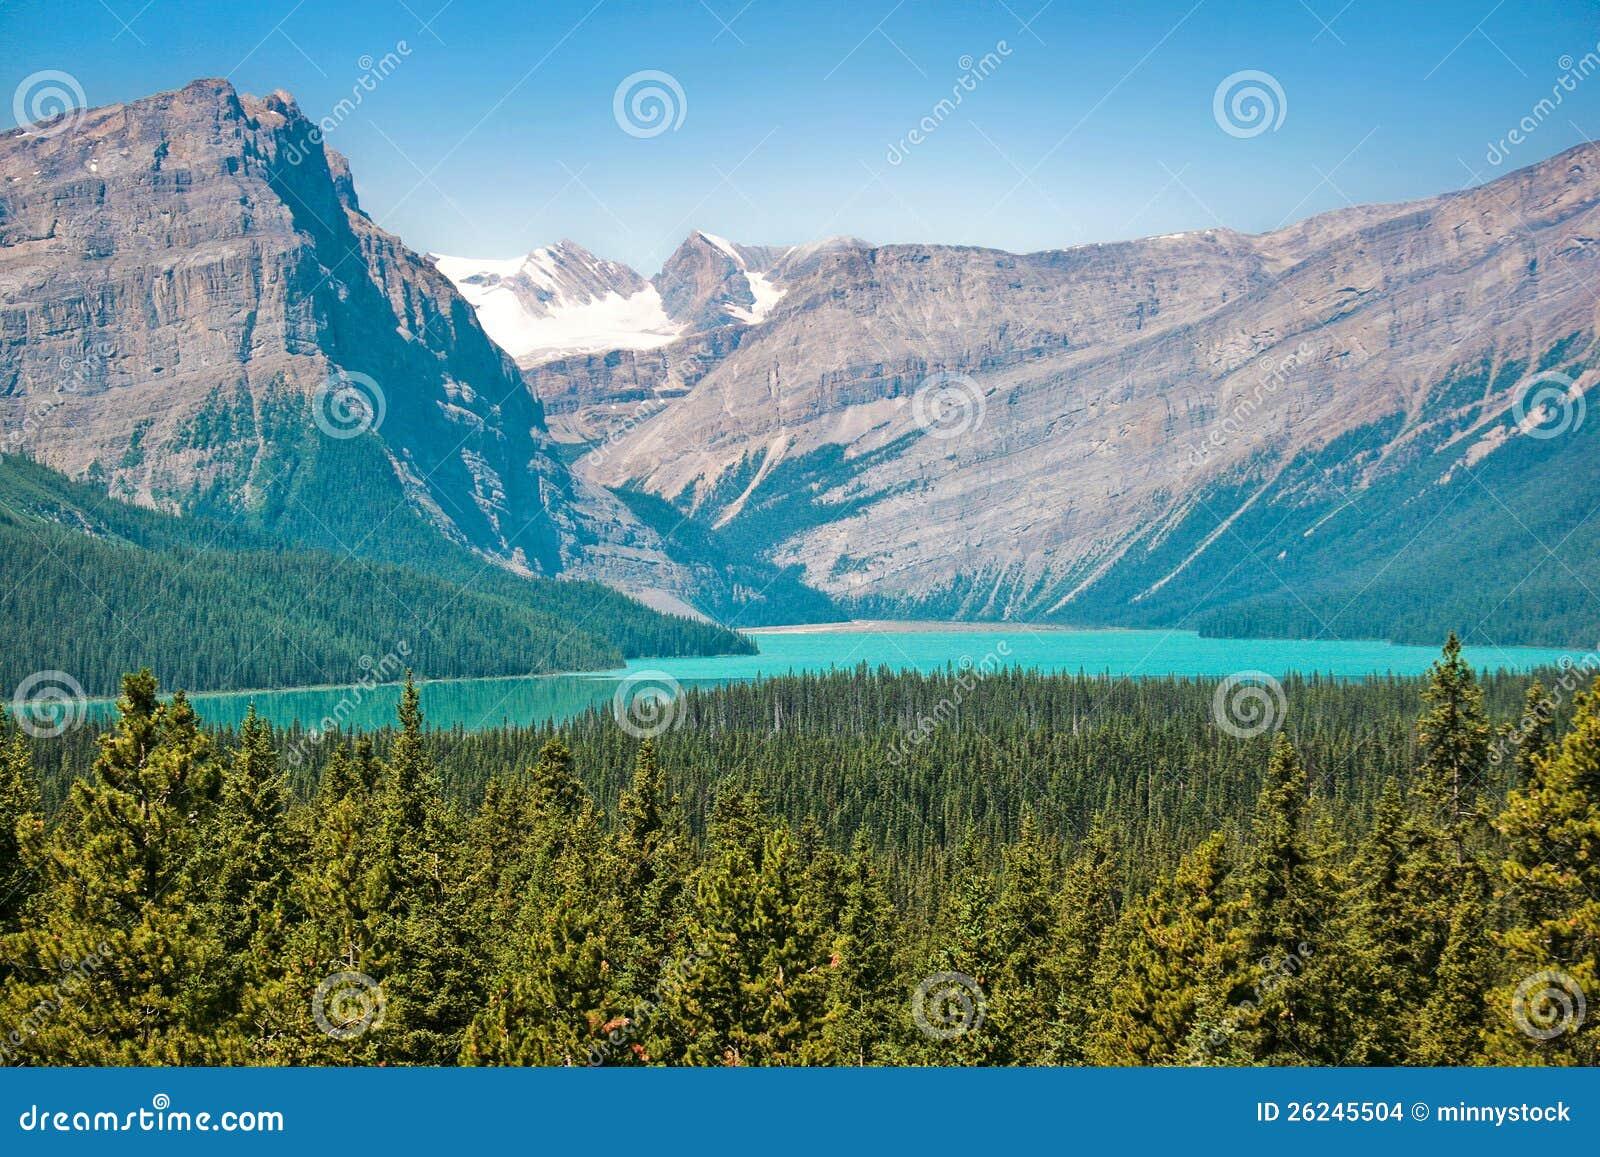 Erstaunliche Landschaft in Alberta, Kanada